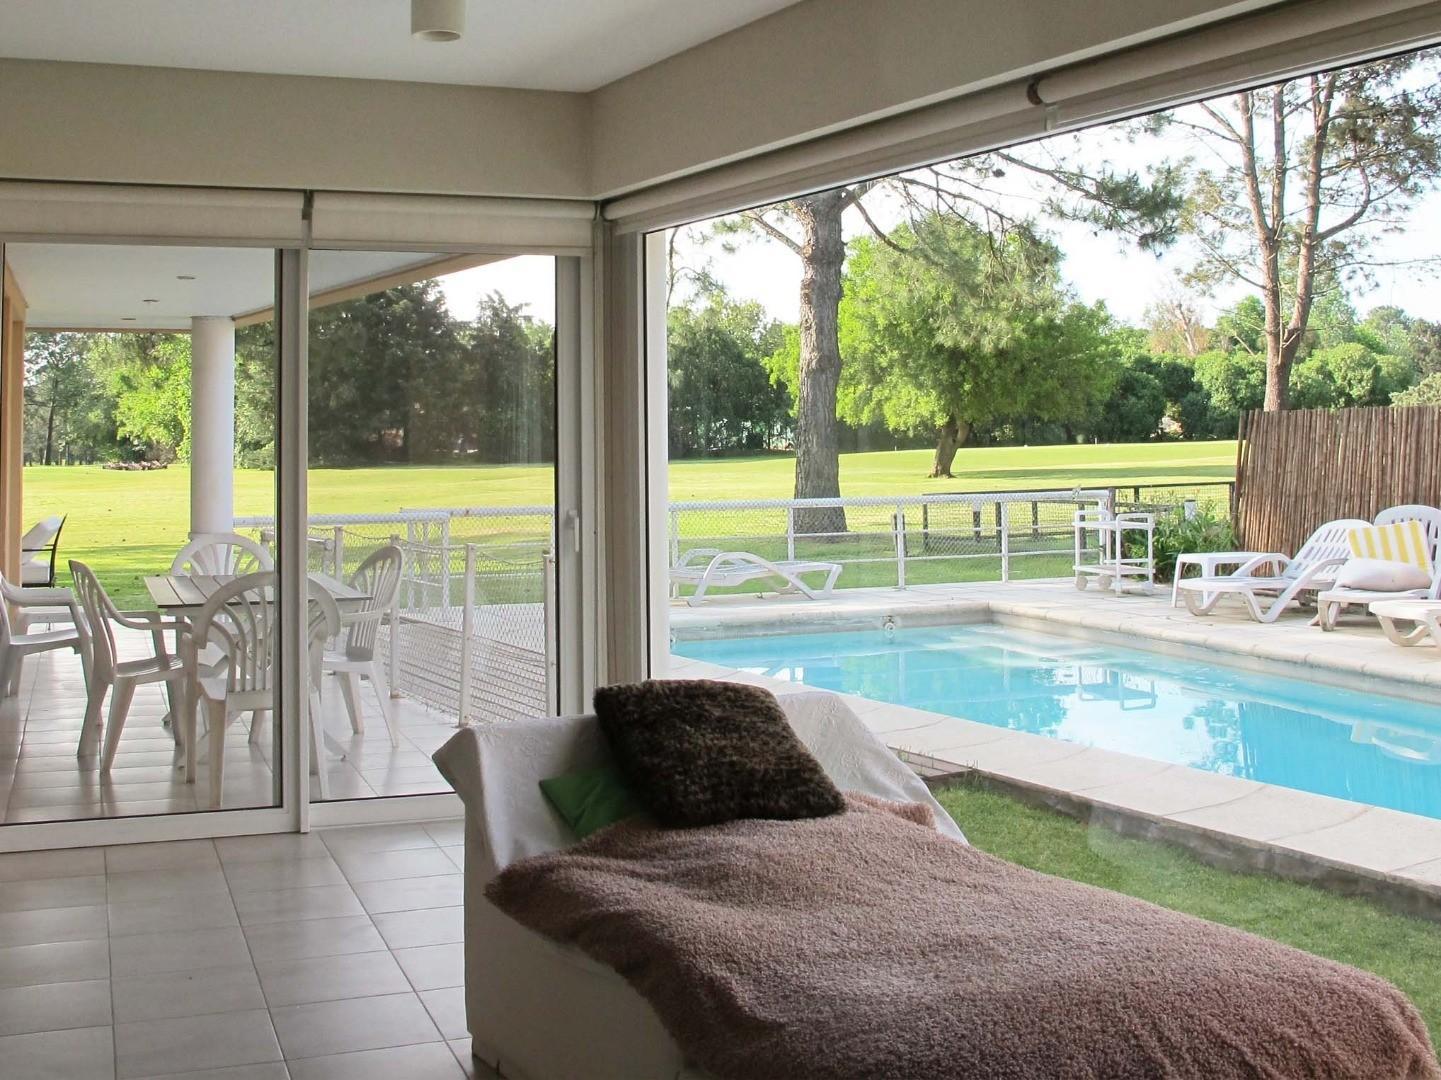 Casa en Venta en Golfers - 6 ambientes